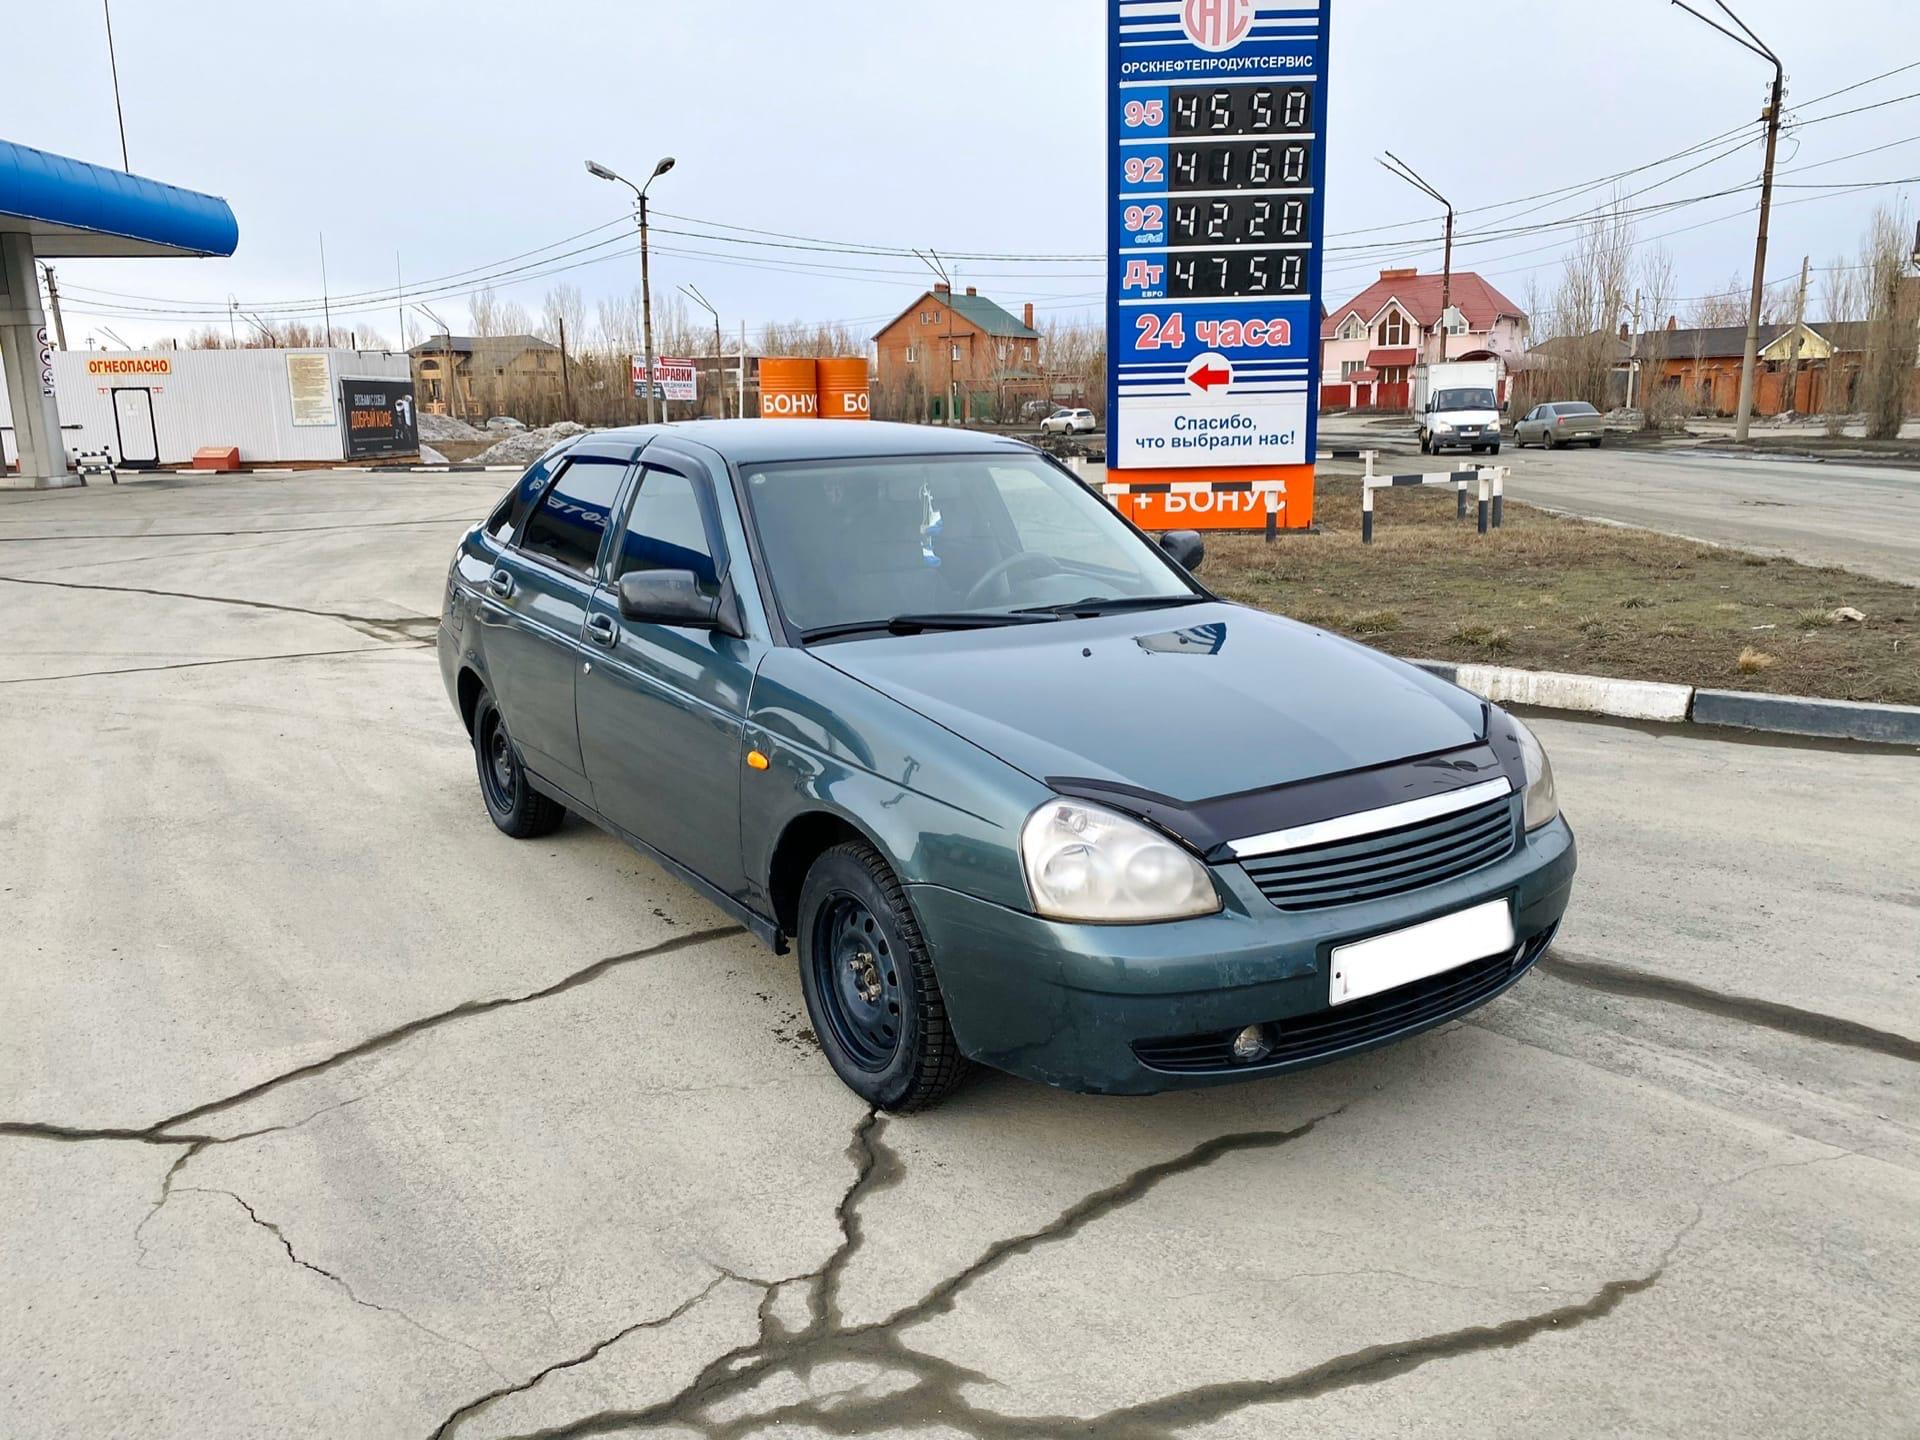 Купить ВАЗ LADA PRIORA 2010 год в хорошем | Объявления Орска и Новотроицка №2733